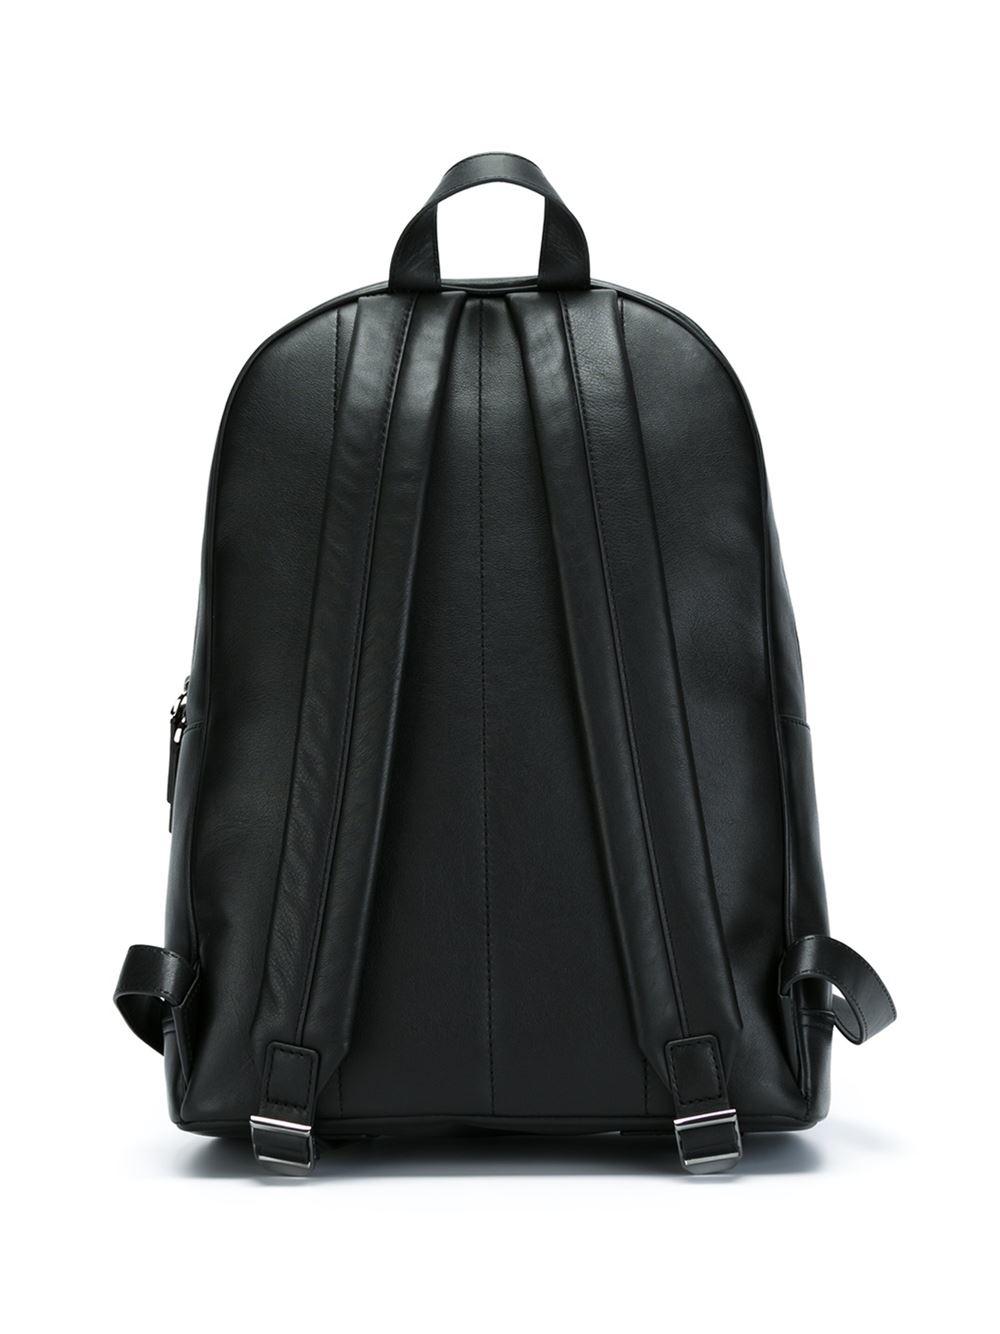 5d58851a5021 ... sweden lyst michael kors kent backpack in black for men 8725f 0ff2a